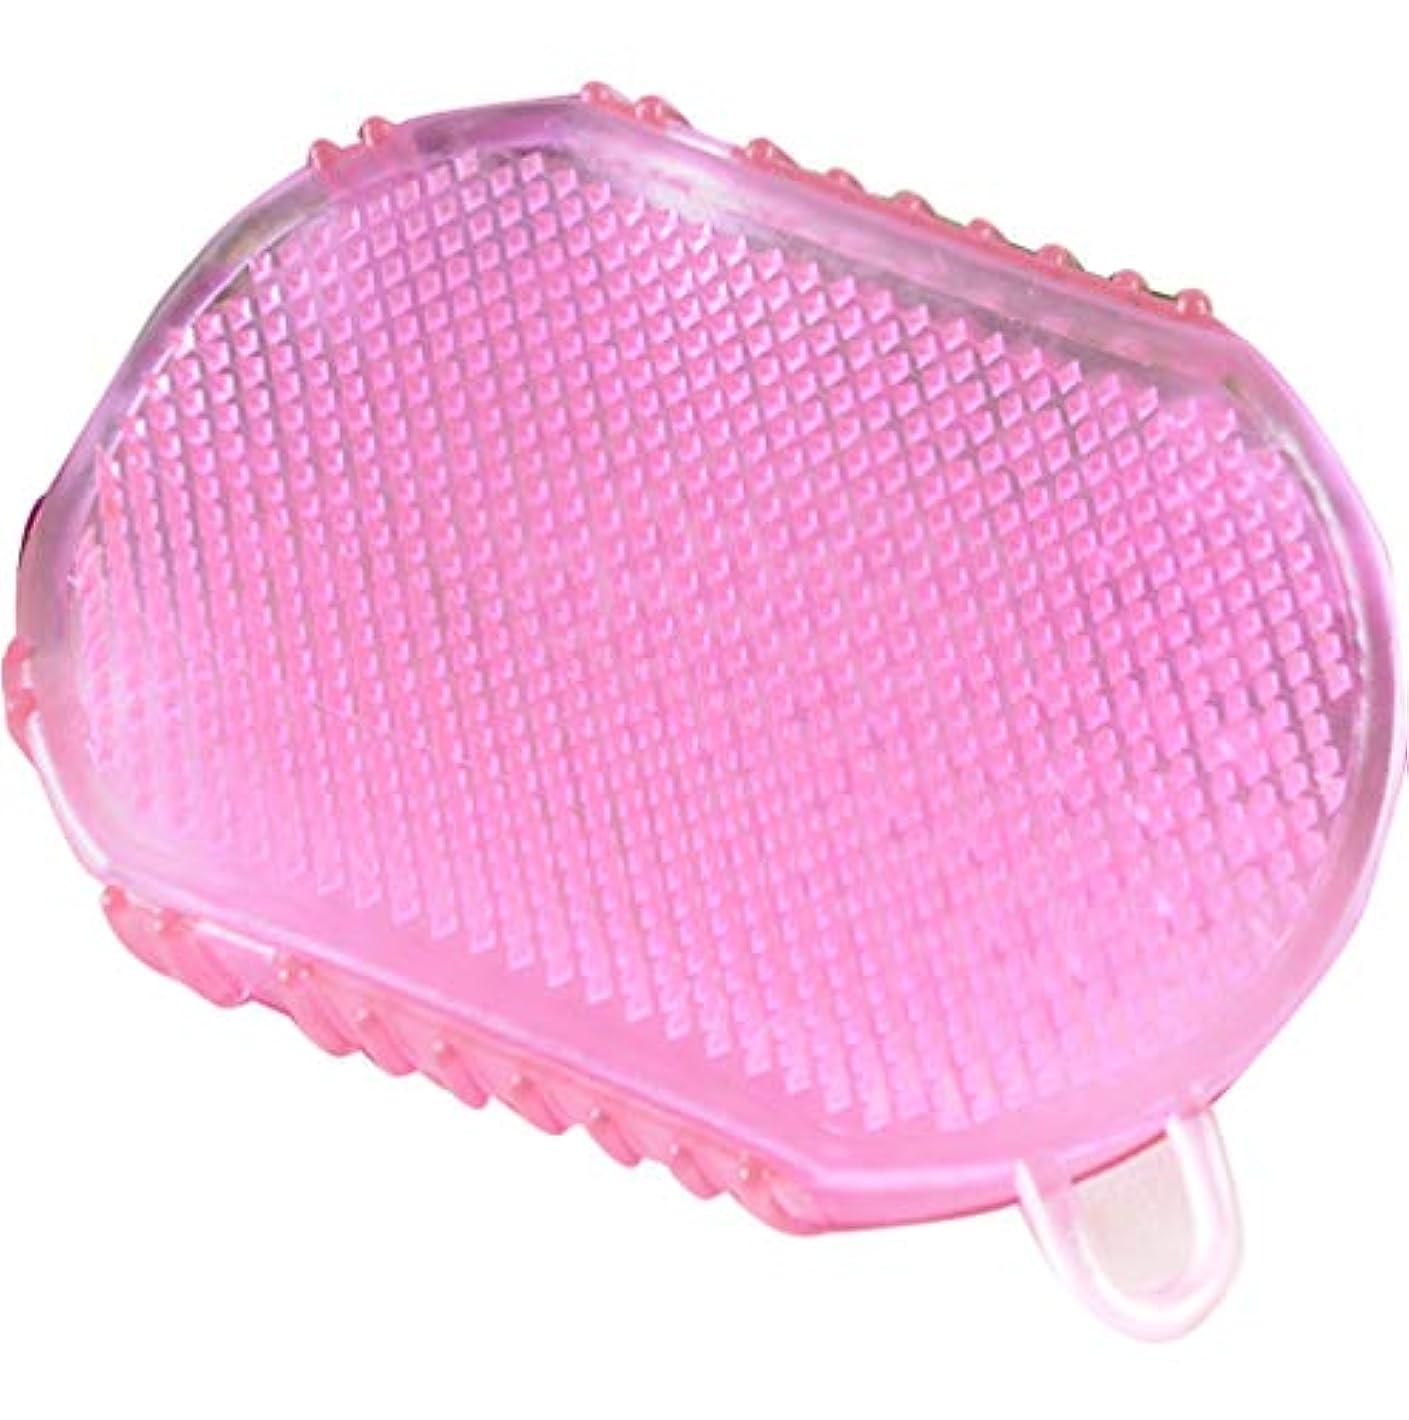 いらいらする差し引くペイン1Pcs Soft Silicone Massage Scrub Gloves For Peeling Body Bath Brush Exfoliating Gloves Footbrush for the Bath...